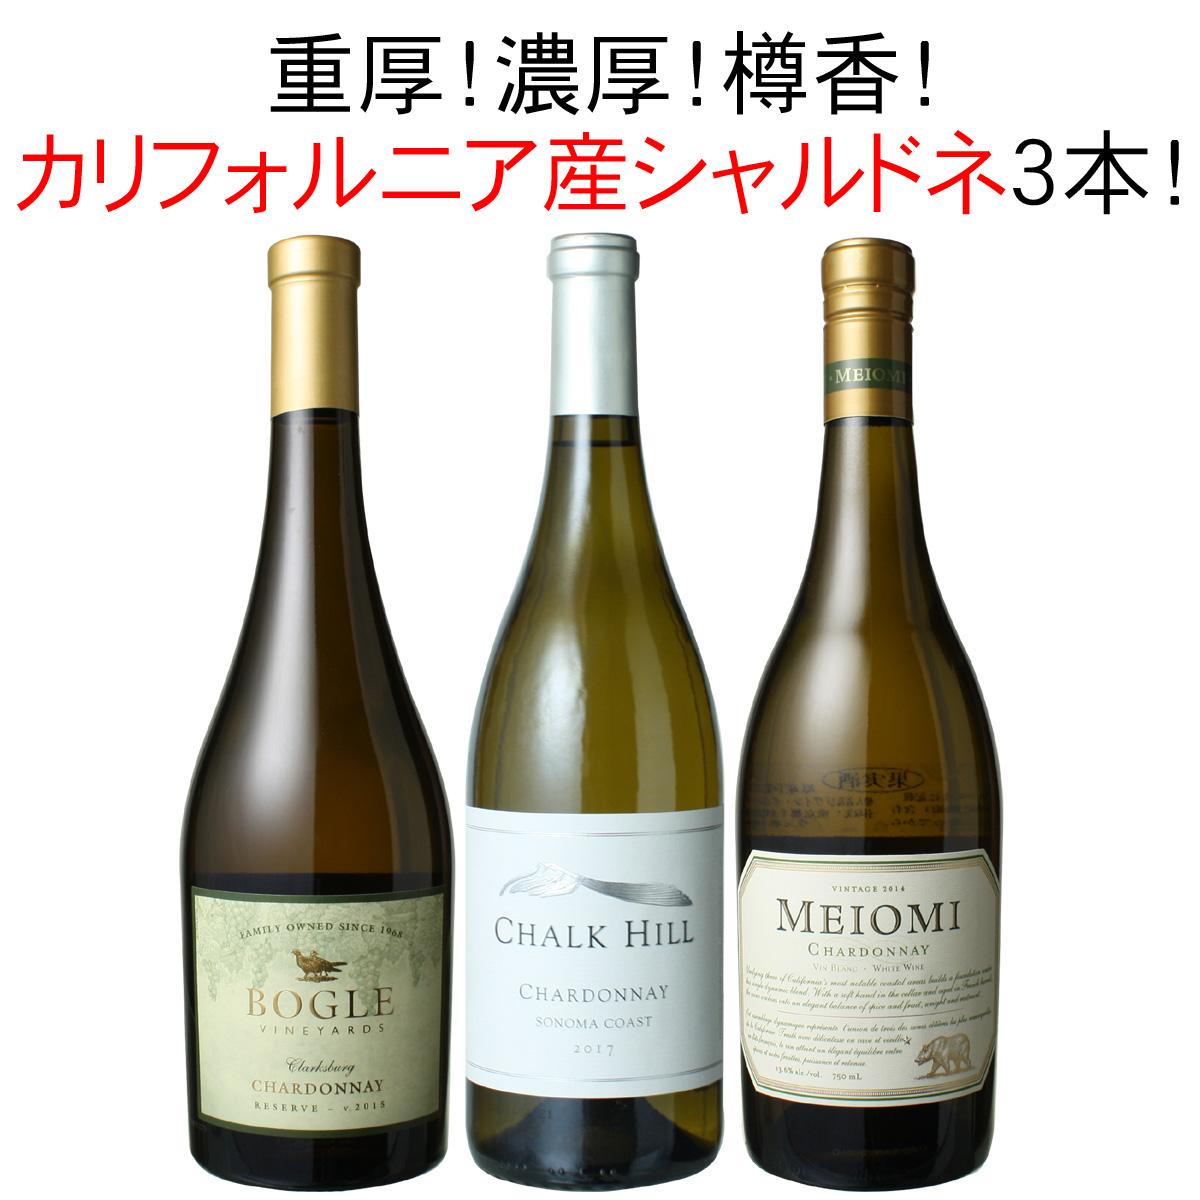 ワインセット カリフォルニア シャルドネ 3本 セット 白ワイン ハロウィン 家飲み 重厚 濃厚 樽香